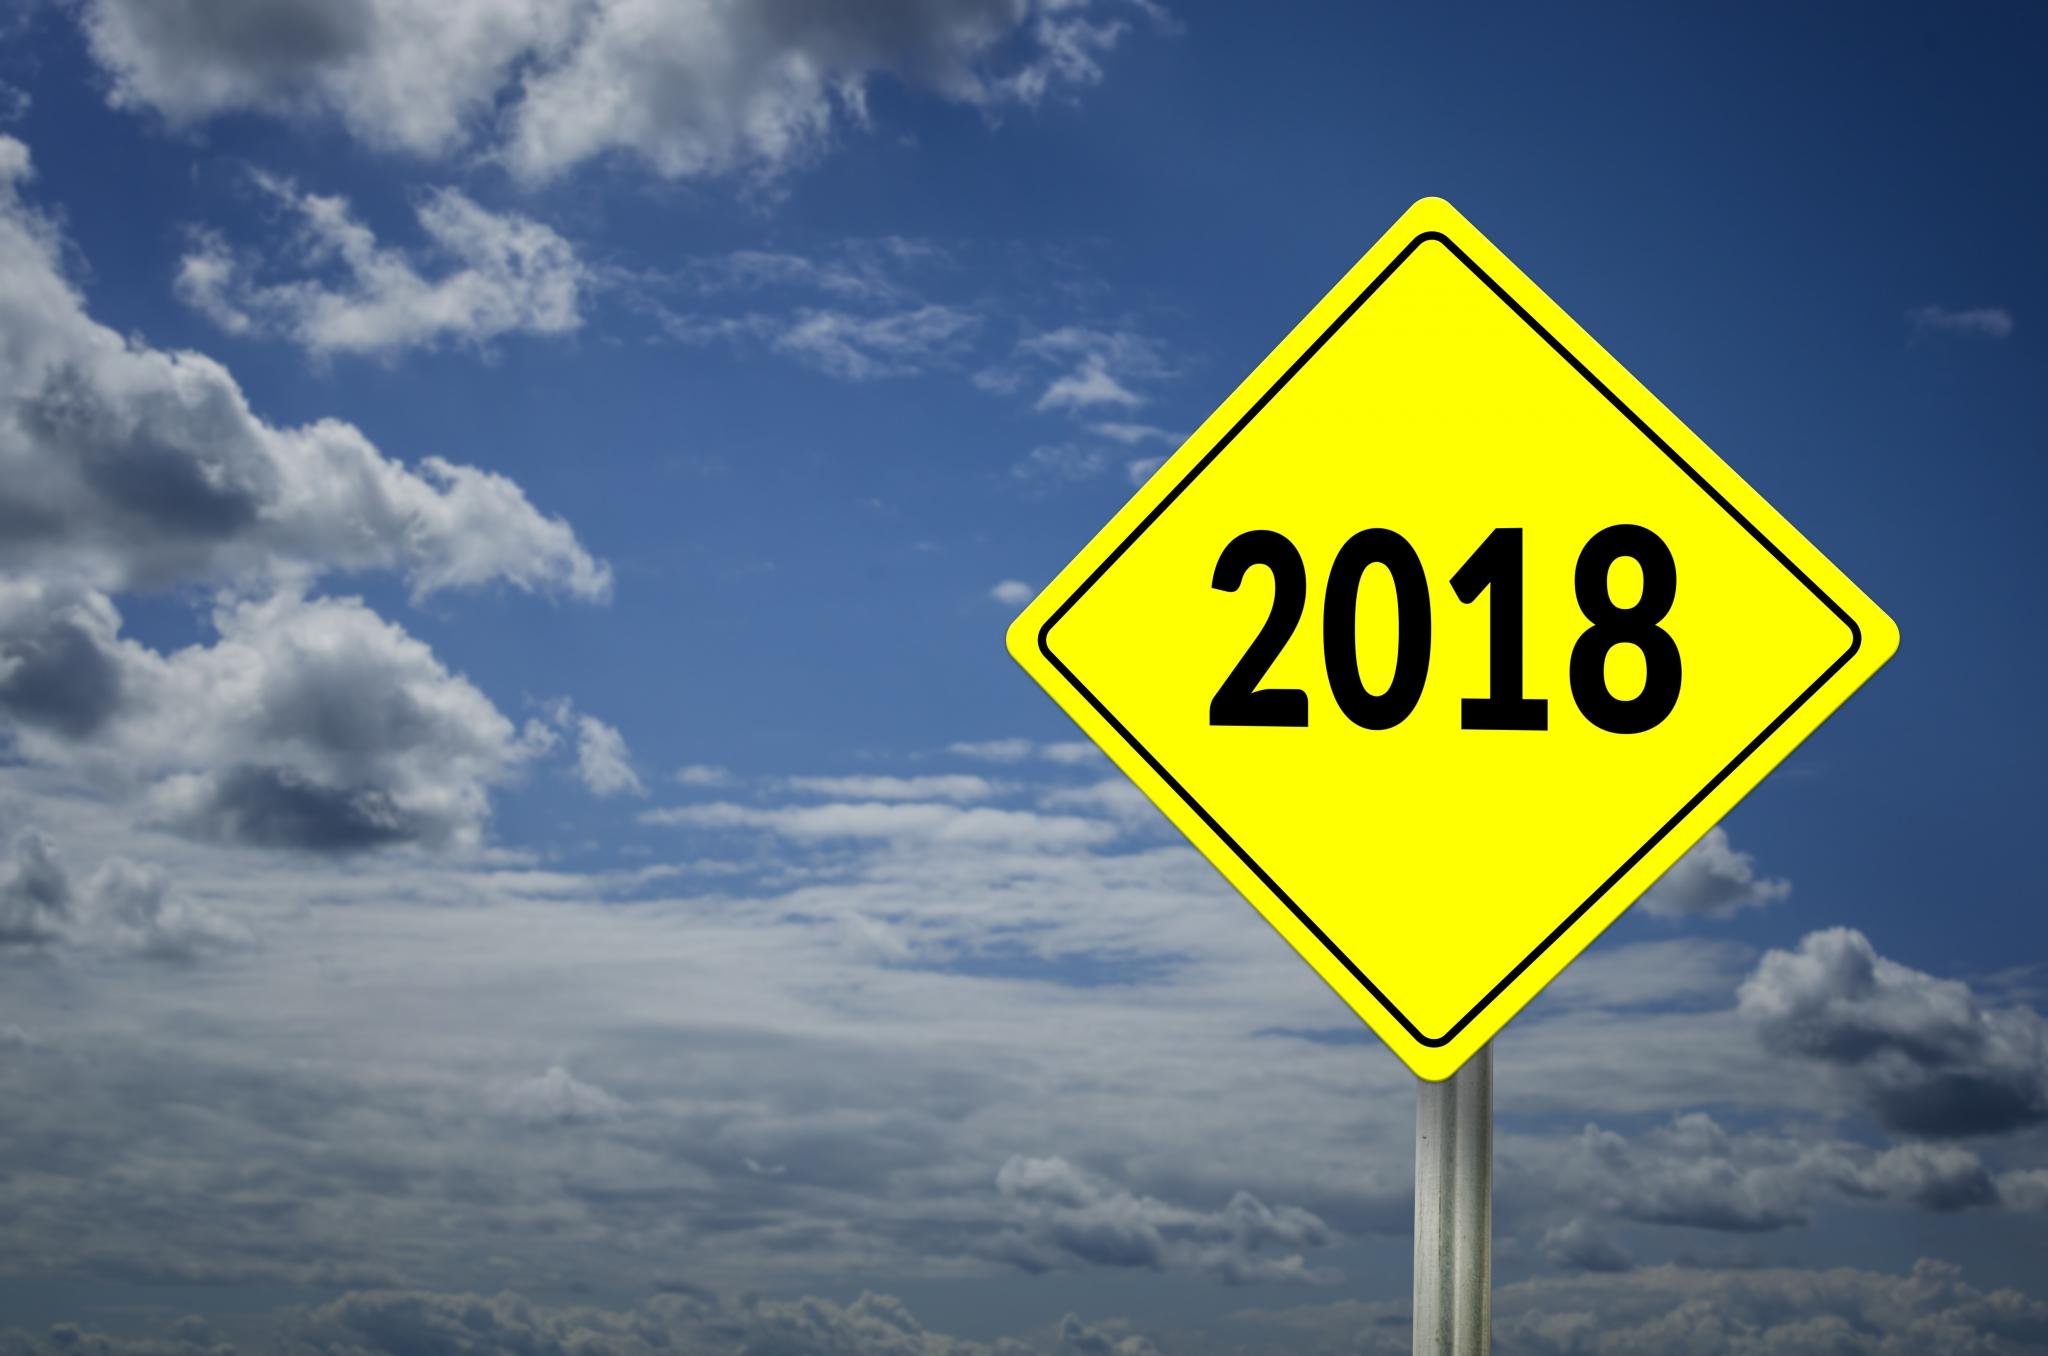 Year ahead - 2018